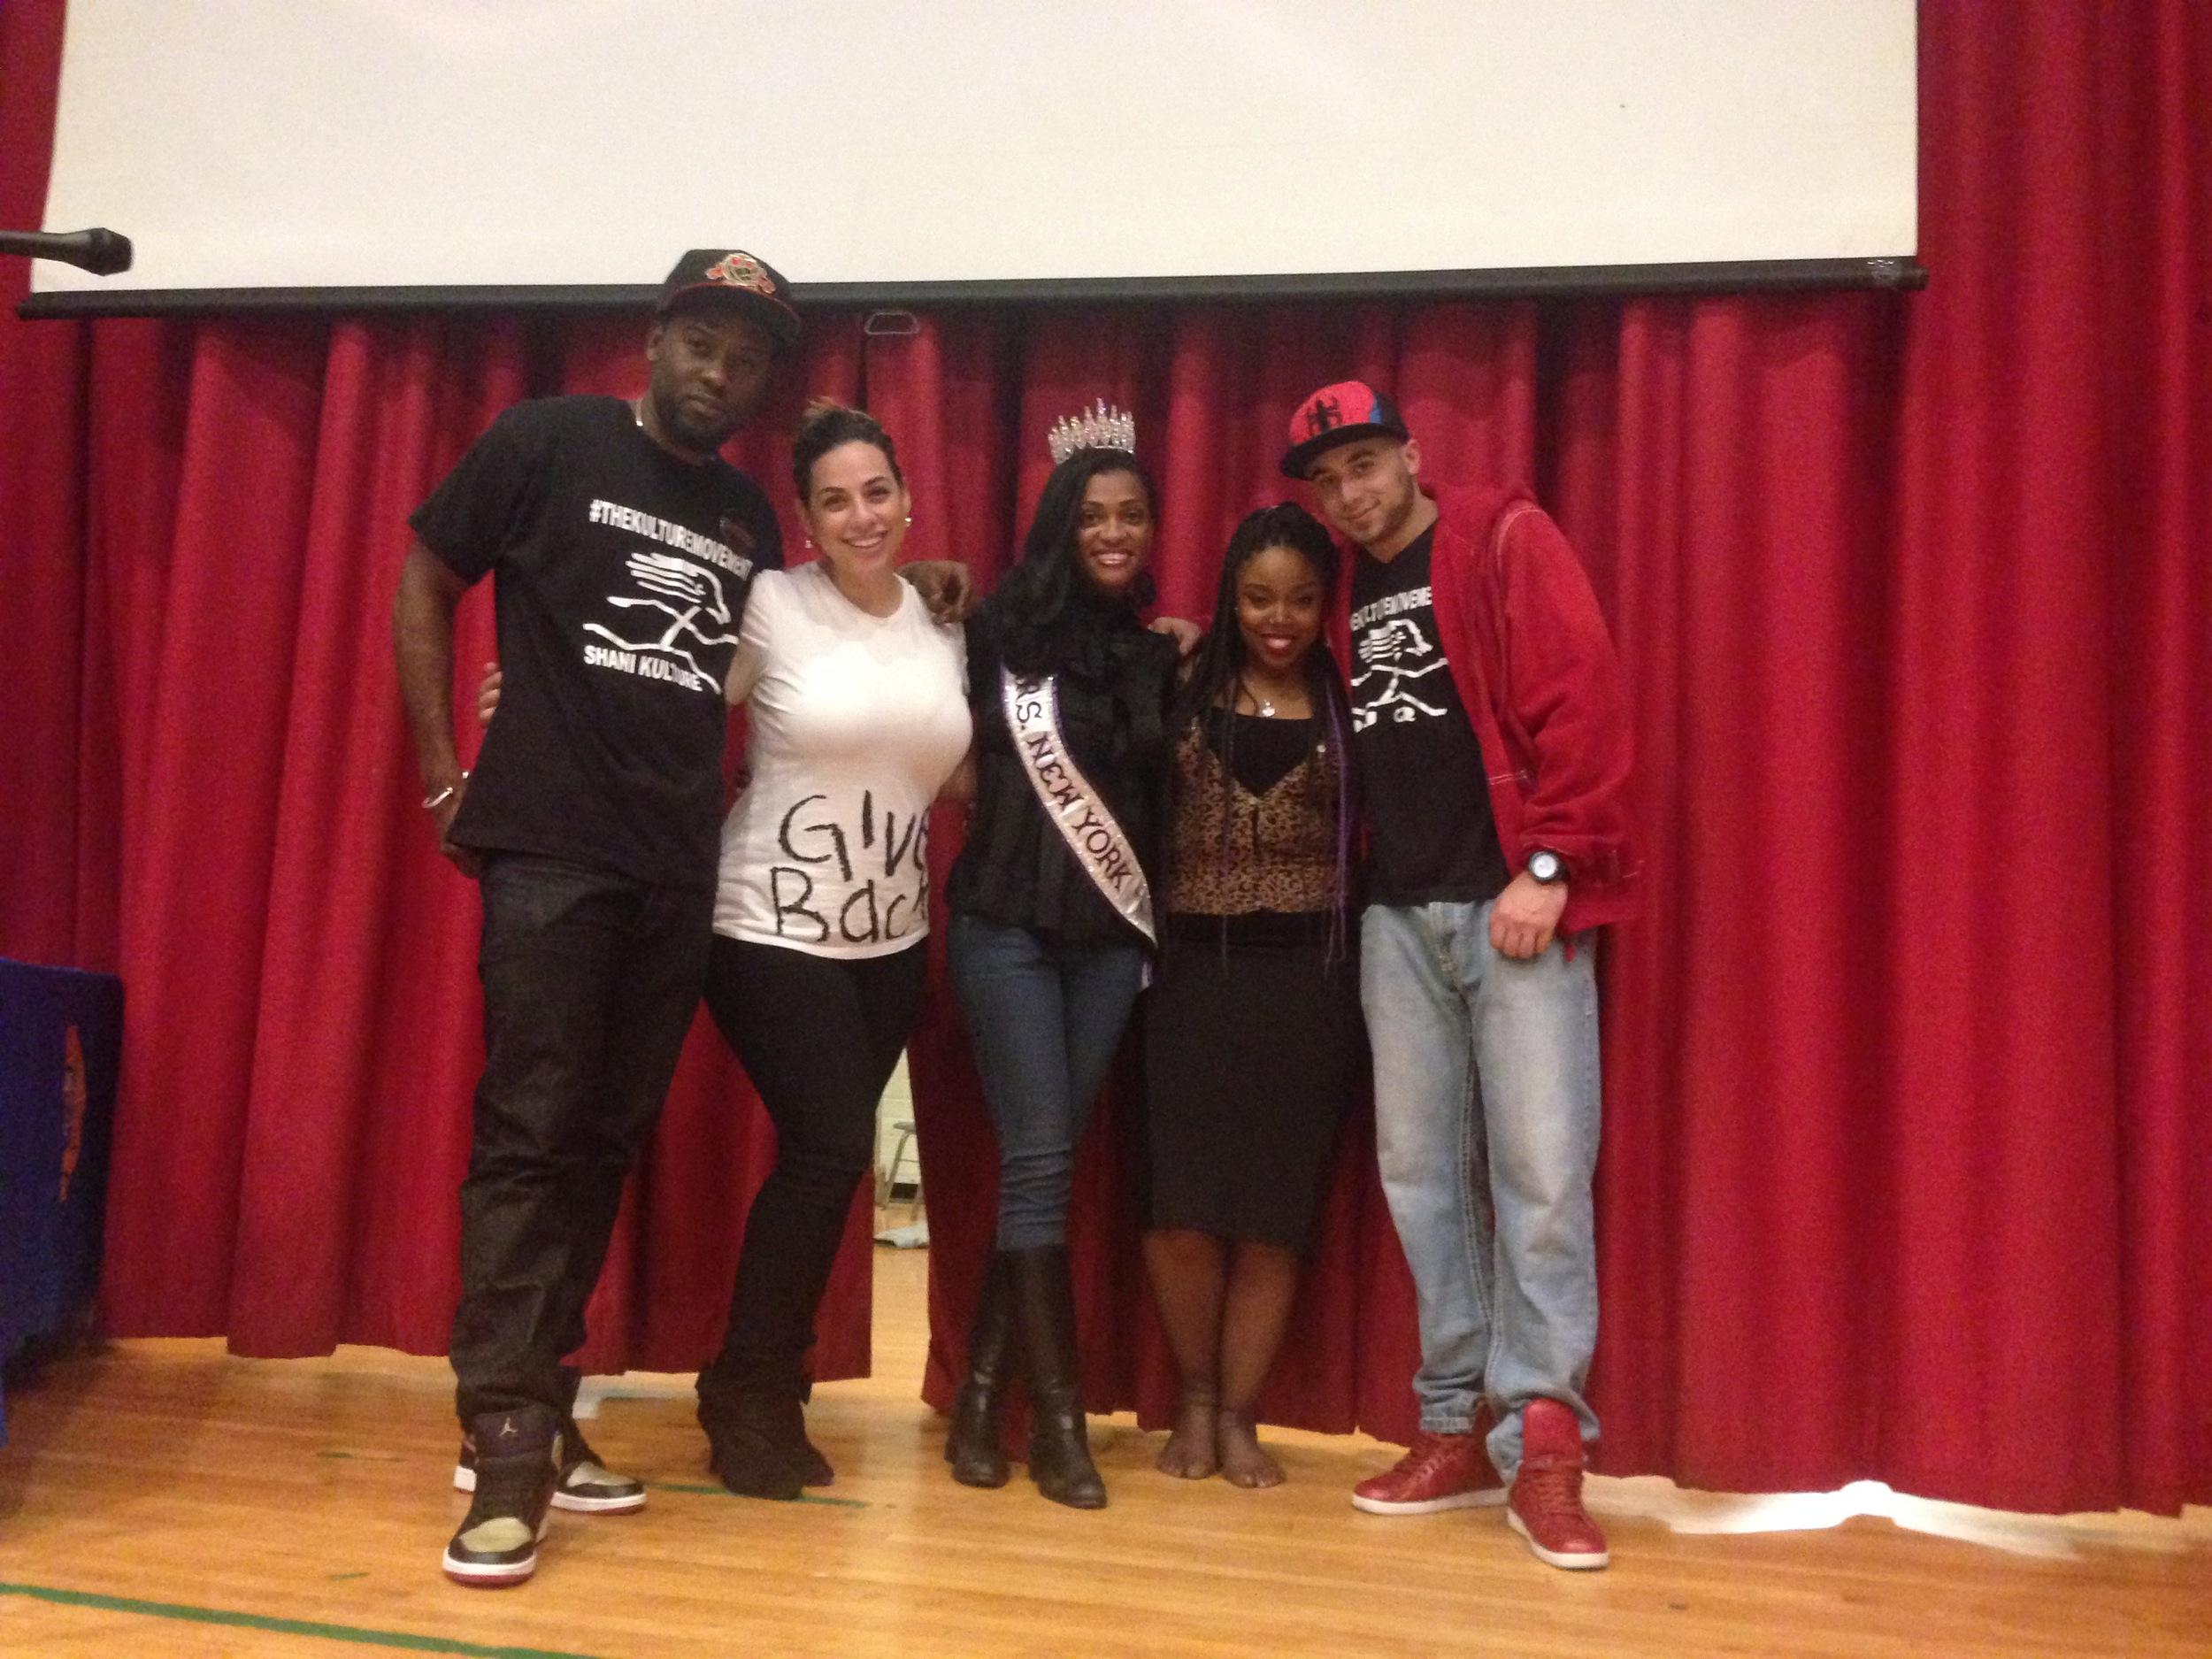 Shani, Marjoriet, Marjorie, Roxie Digital, and DJ Q